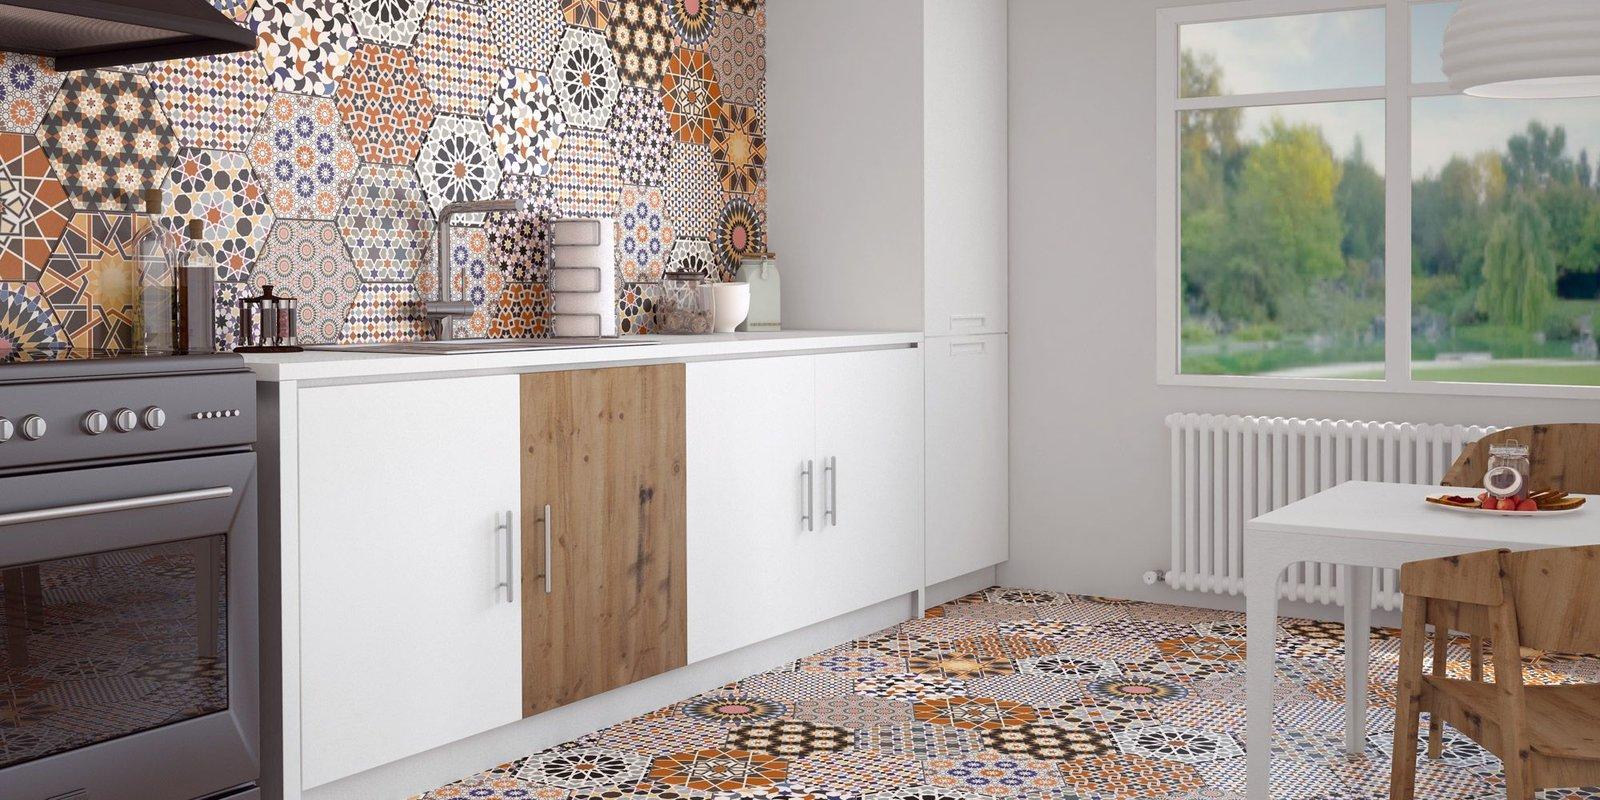 Фото кухонь с ламинатом в стиле пэчворк